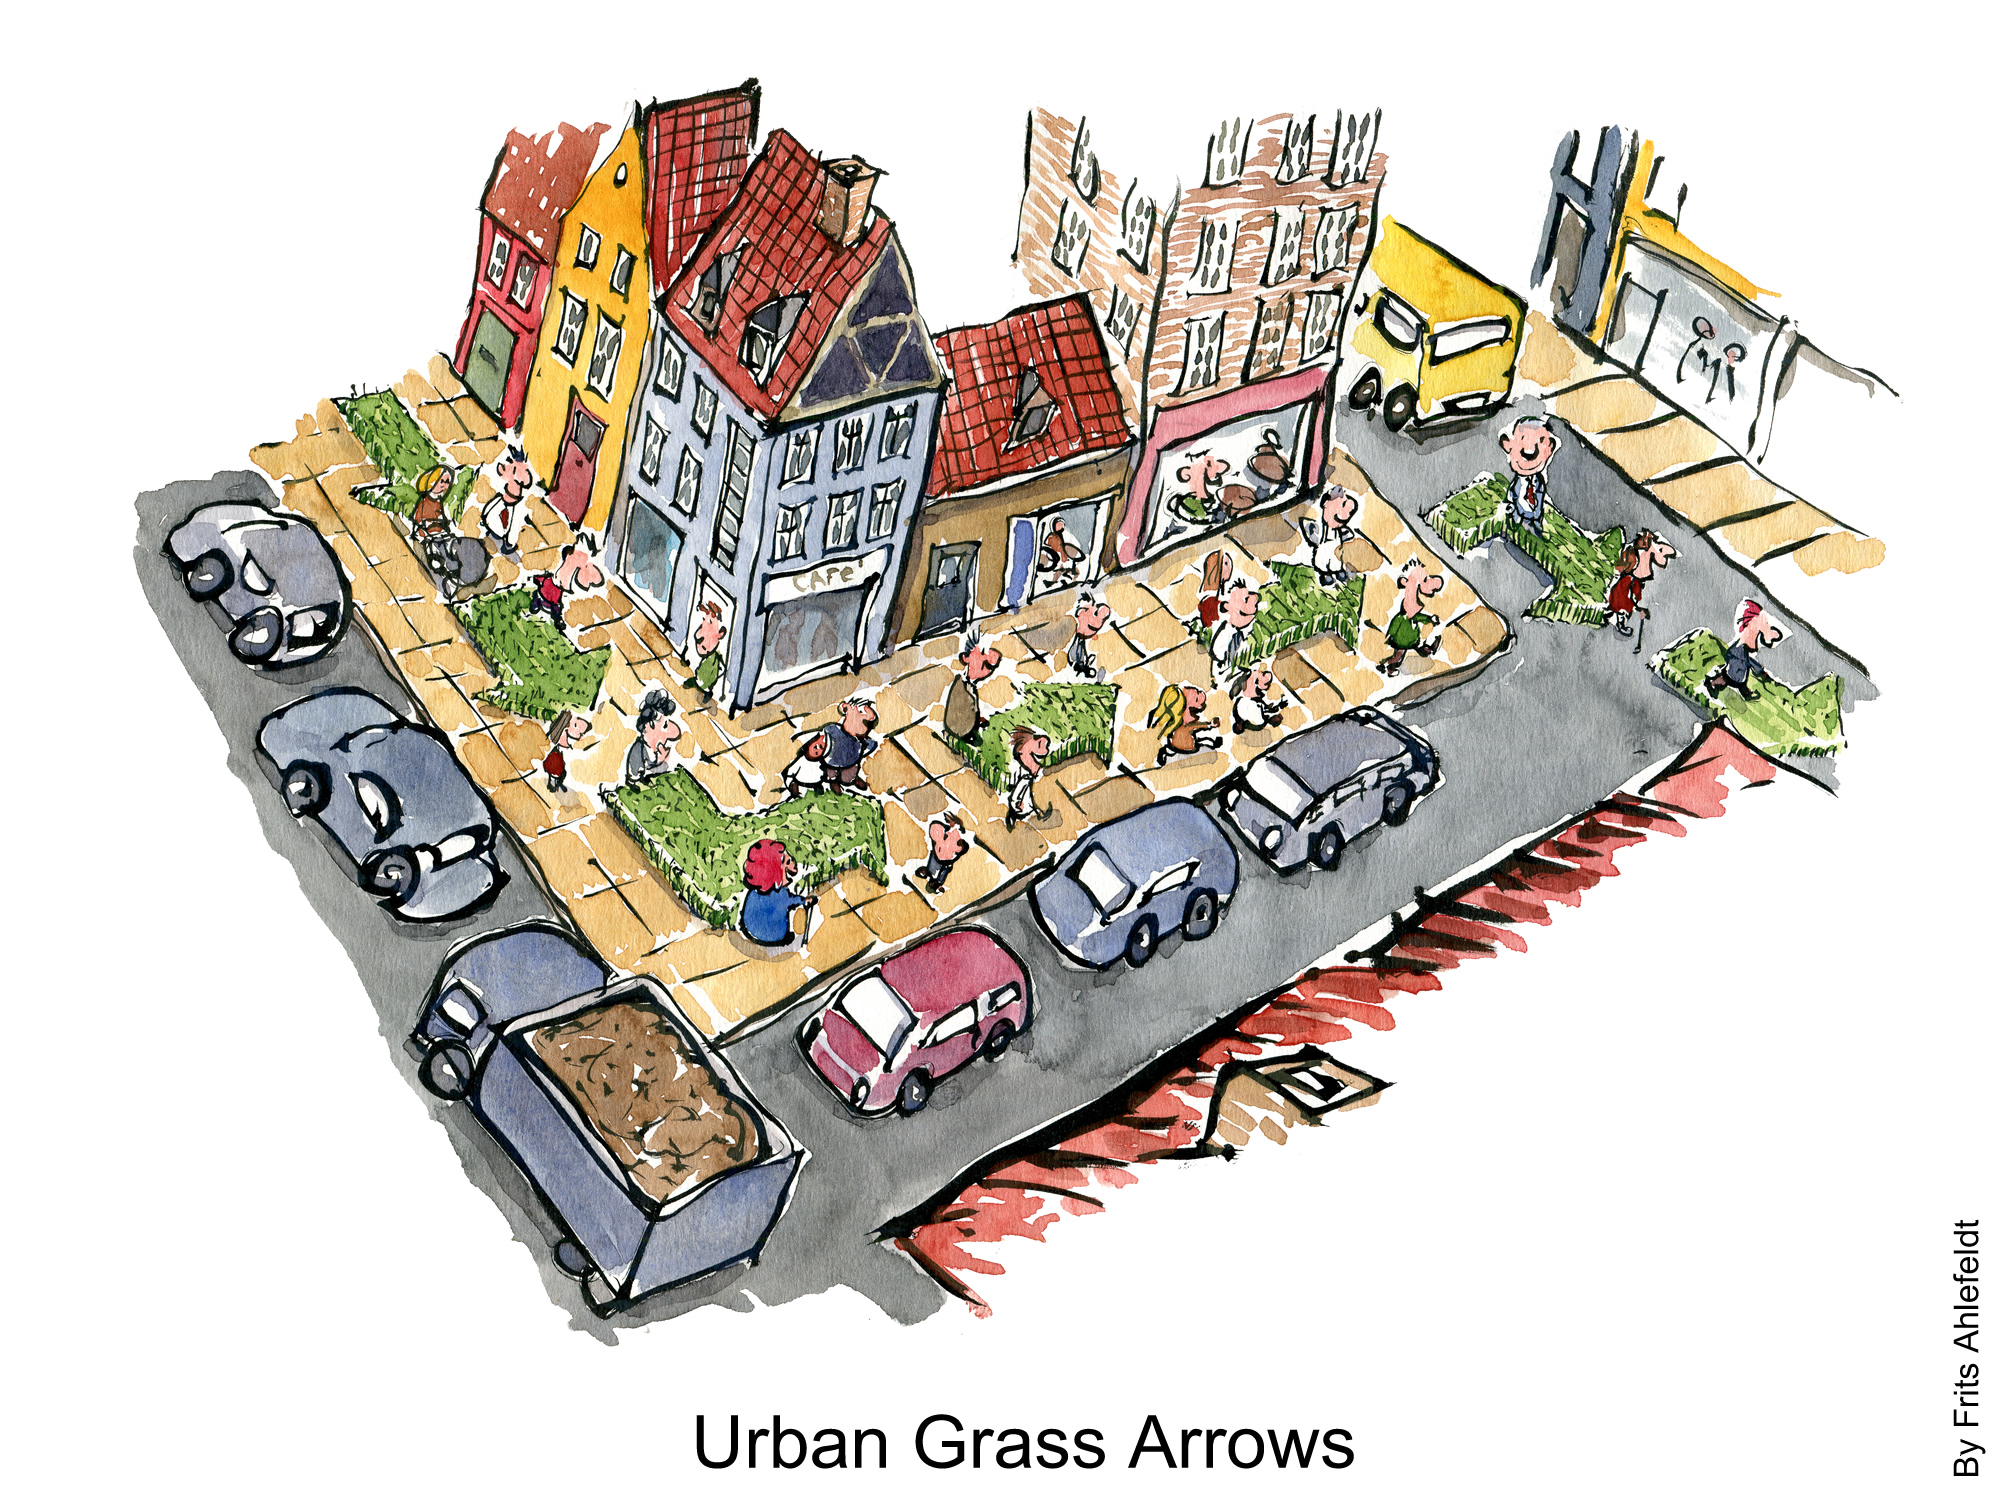 2000x1500 Green City Grass Arrows Sidewalk Txt The Hiking Artist Project